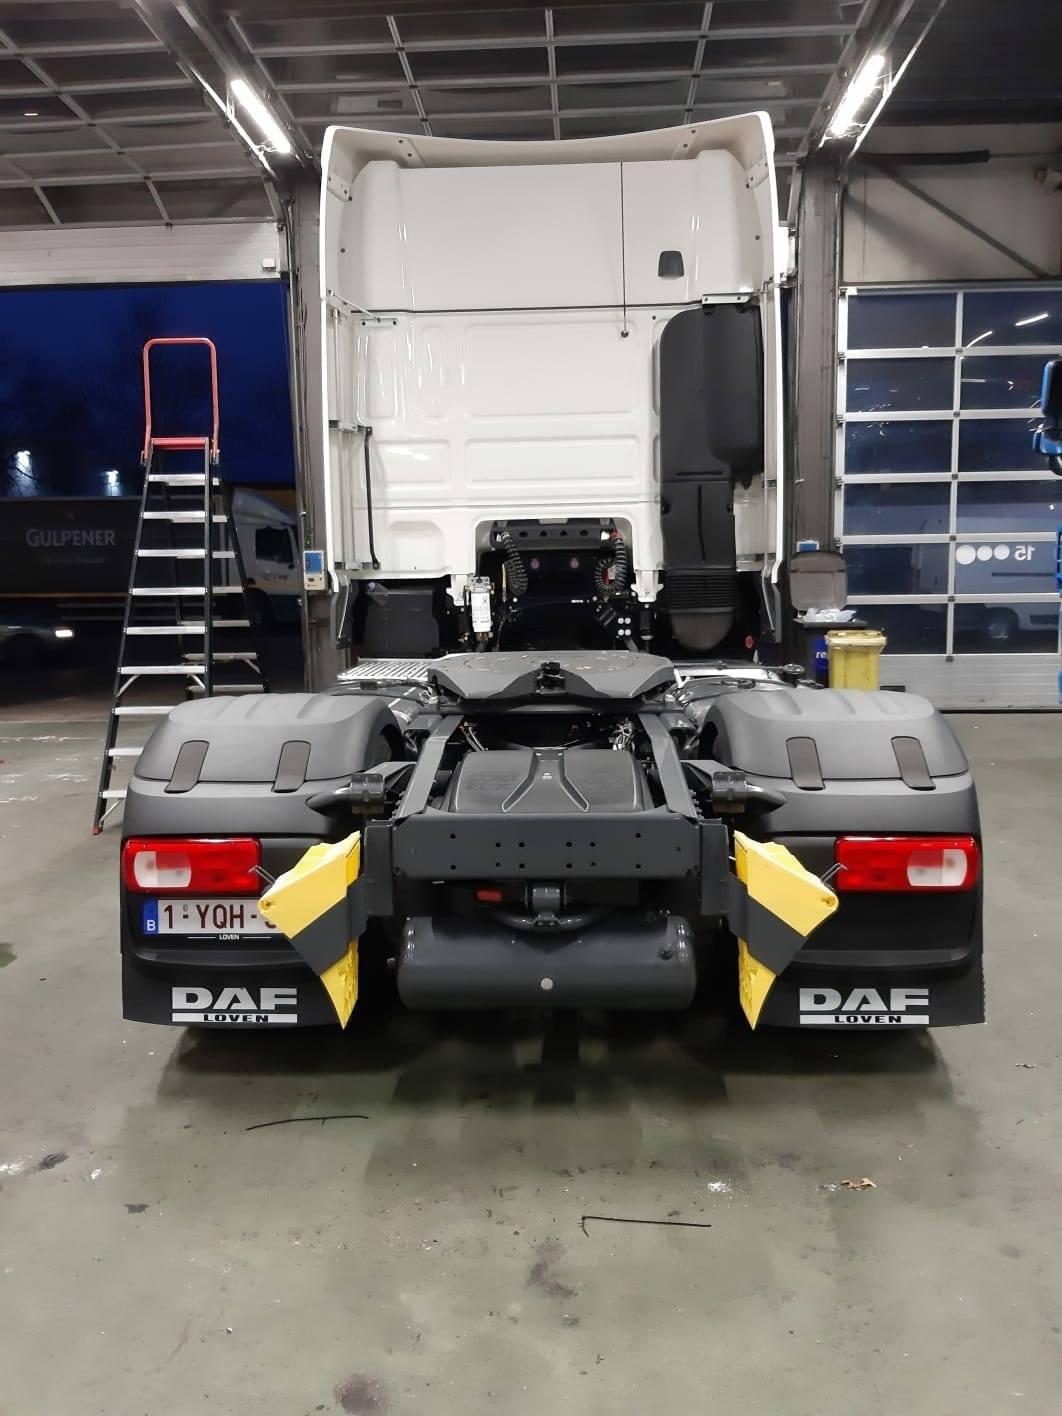 Daf-XF-480-Ft-Super-cab--Deze-is-voorzien-van-opties-zoals-LED-koplampen--een-zonnekap,-Sky-Lights,-lederen-stuurwiel,-Luxury-air-chauffeursstoel-en-comfort-air-bijrijdersstoel--koellade--480pk-M----(